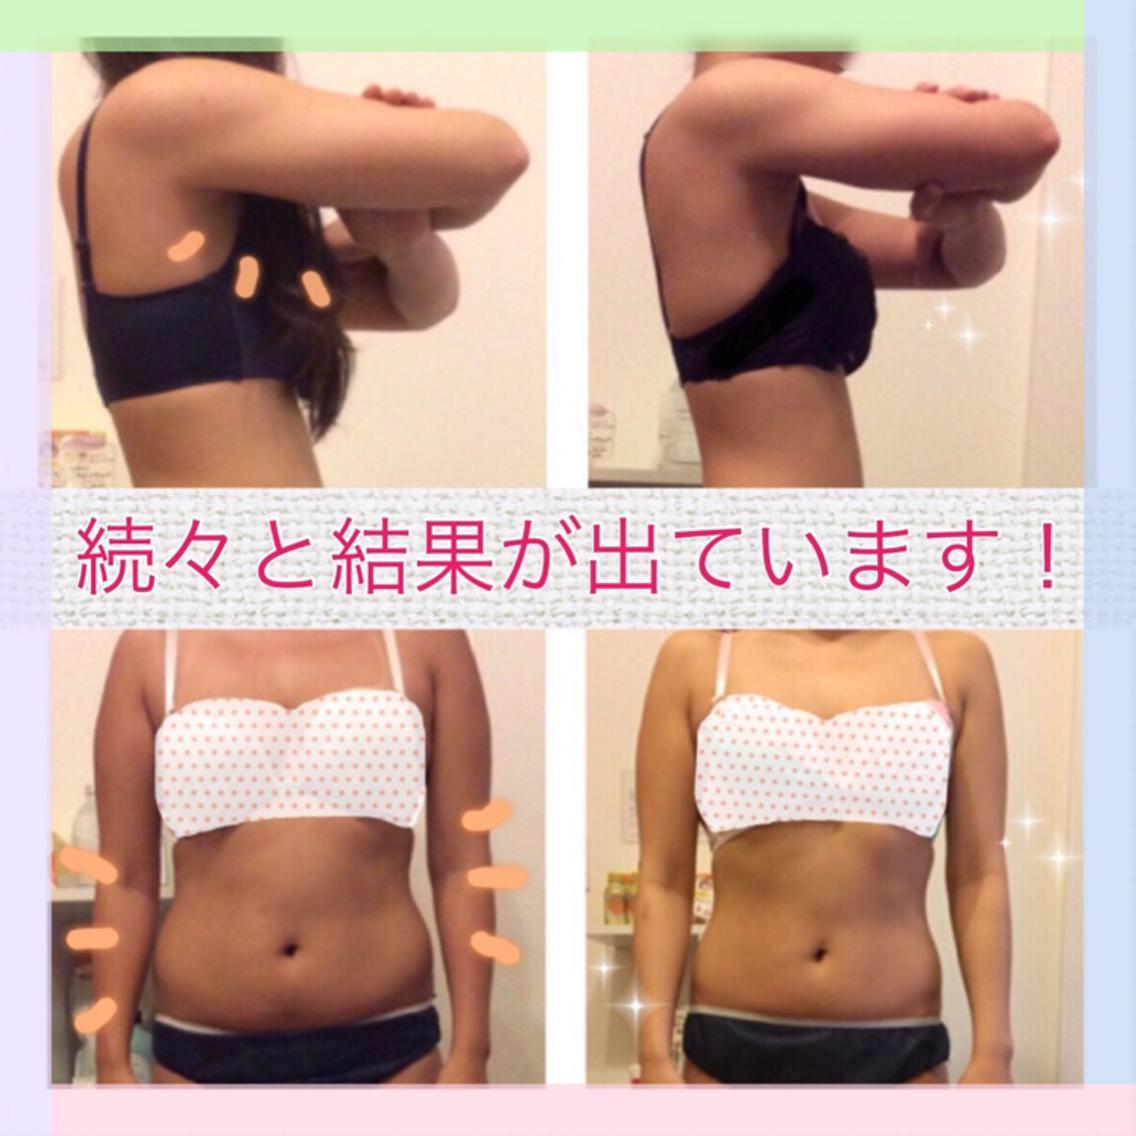 【デトックス&痩身専門サロン✨】ダイエット・体質改善・おまかせください!✨アトピー肌・アレルギー体質の方もうけられます✨